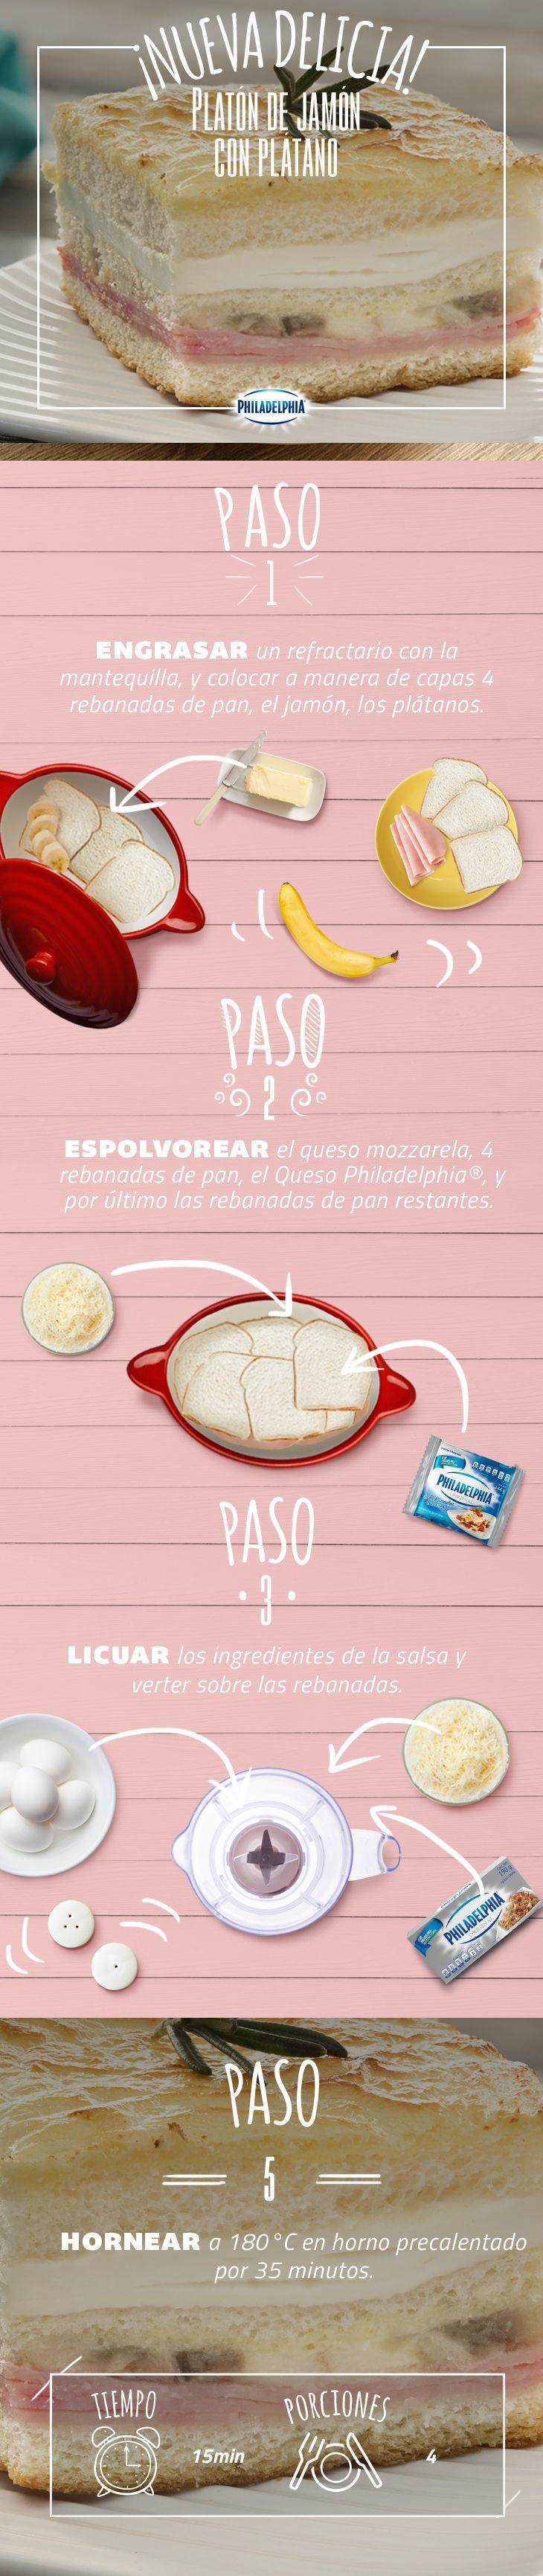 Sal de la rutina con esta deliciosa receta que te dejará con la boca abierta.   #Jamón #Platano #Pan #Mozzarela #QuesoPhiladelphia #Queso